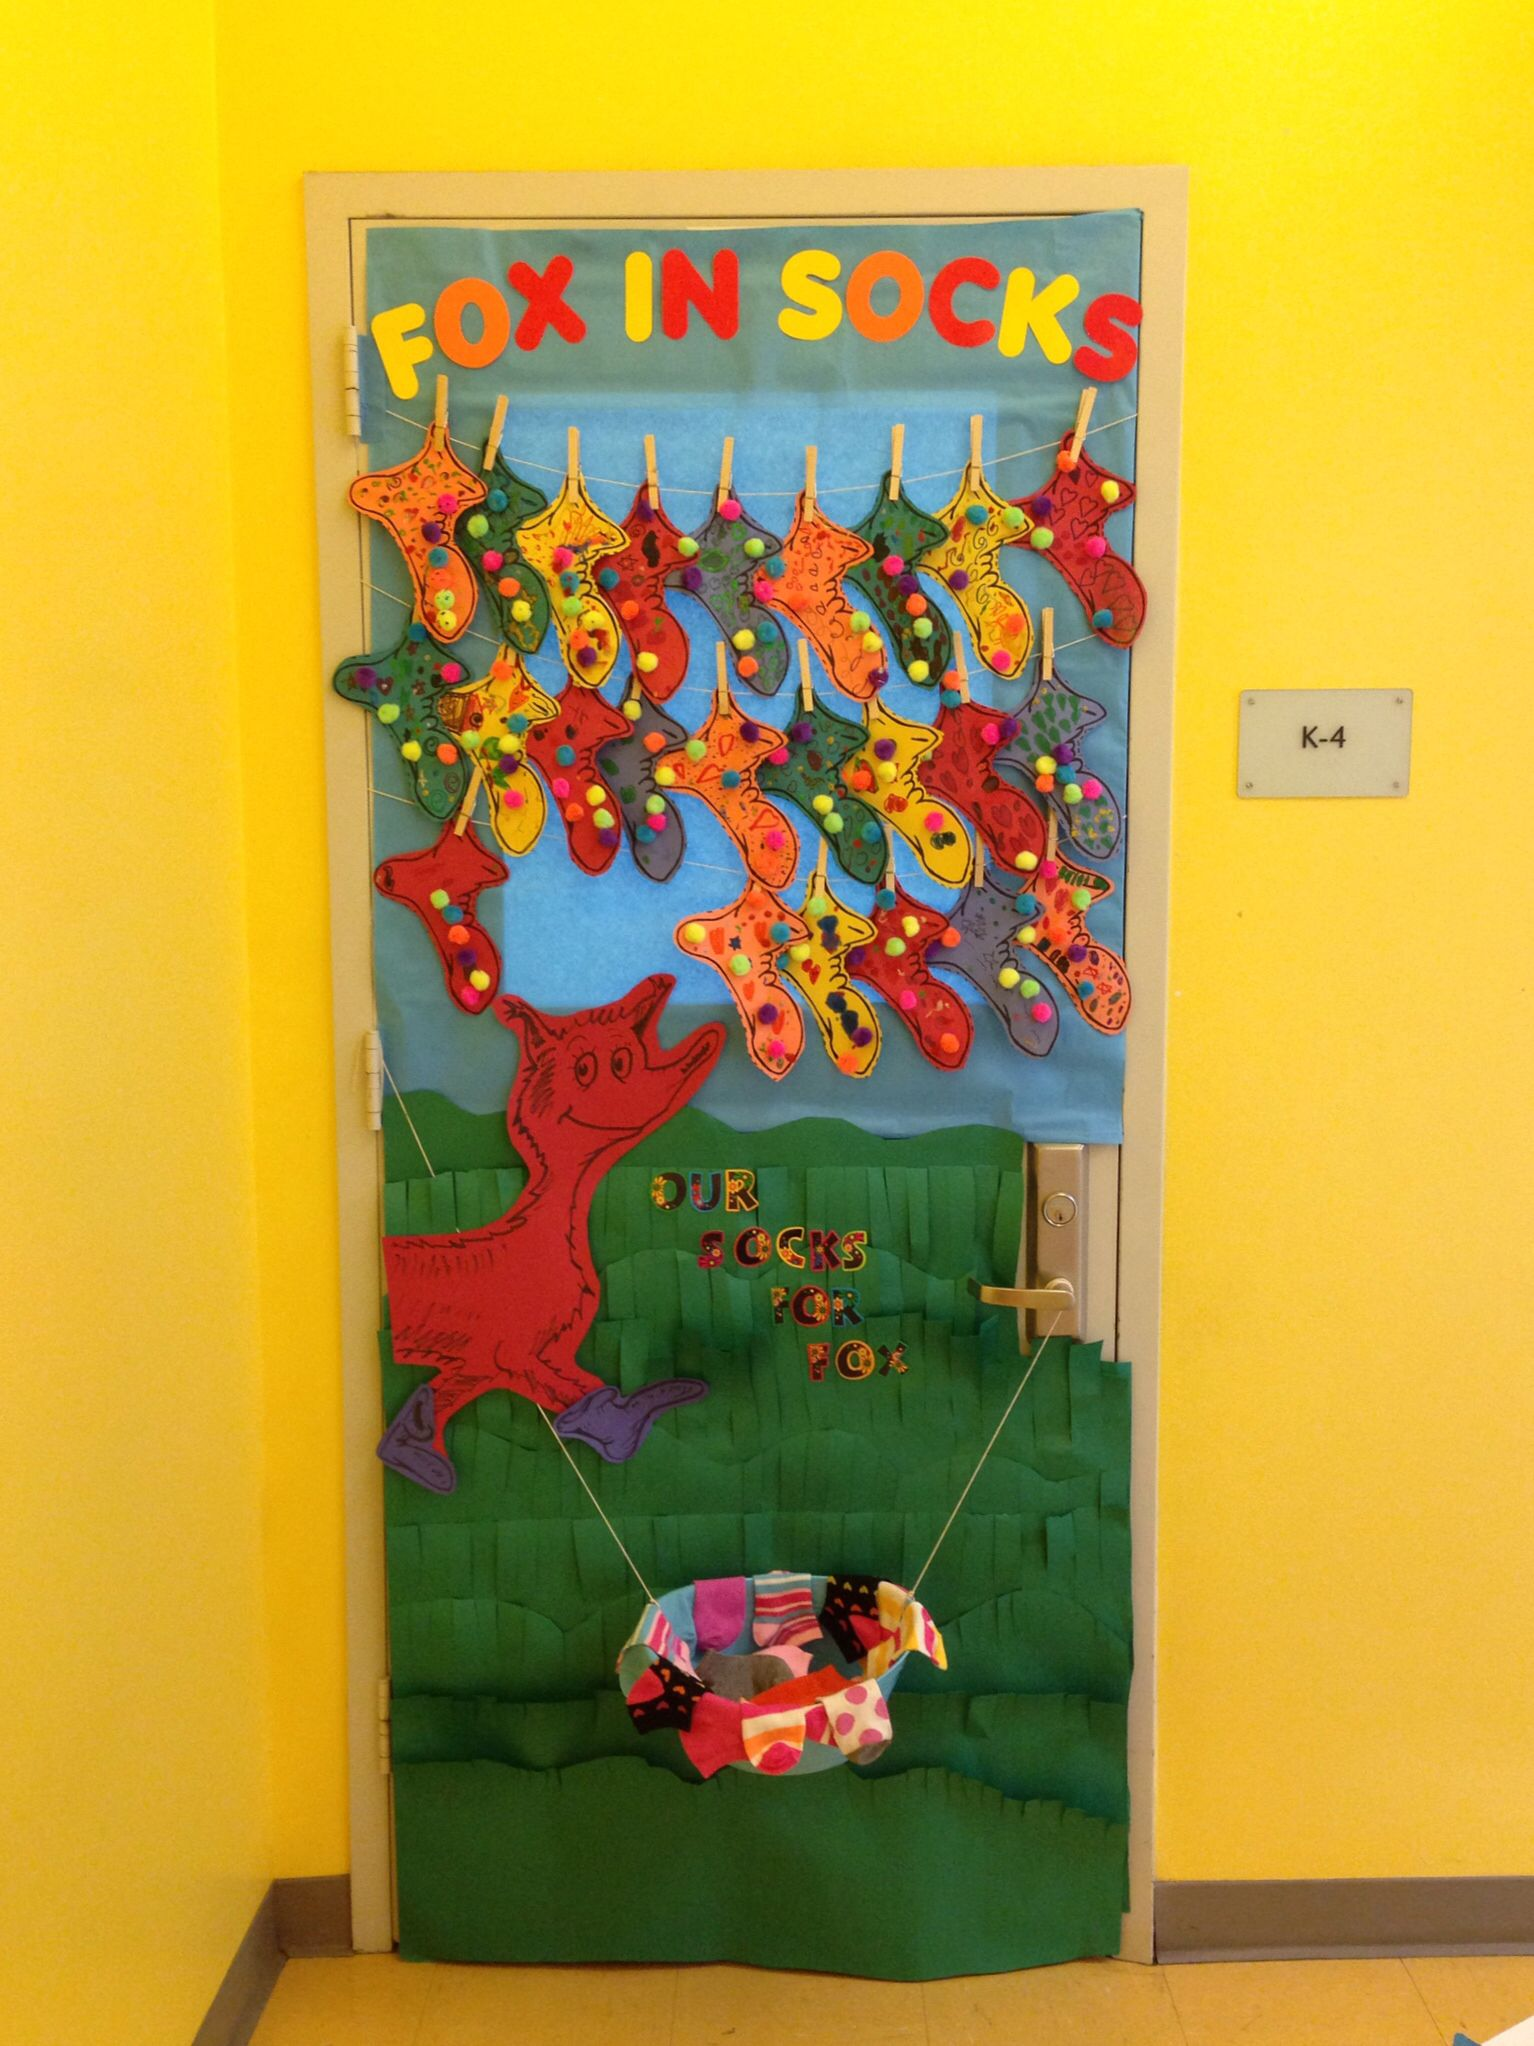 Fox in socks door decor door decorations teaching